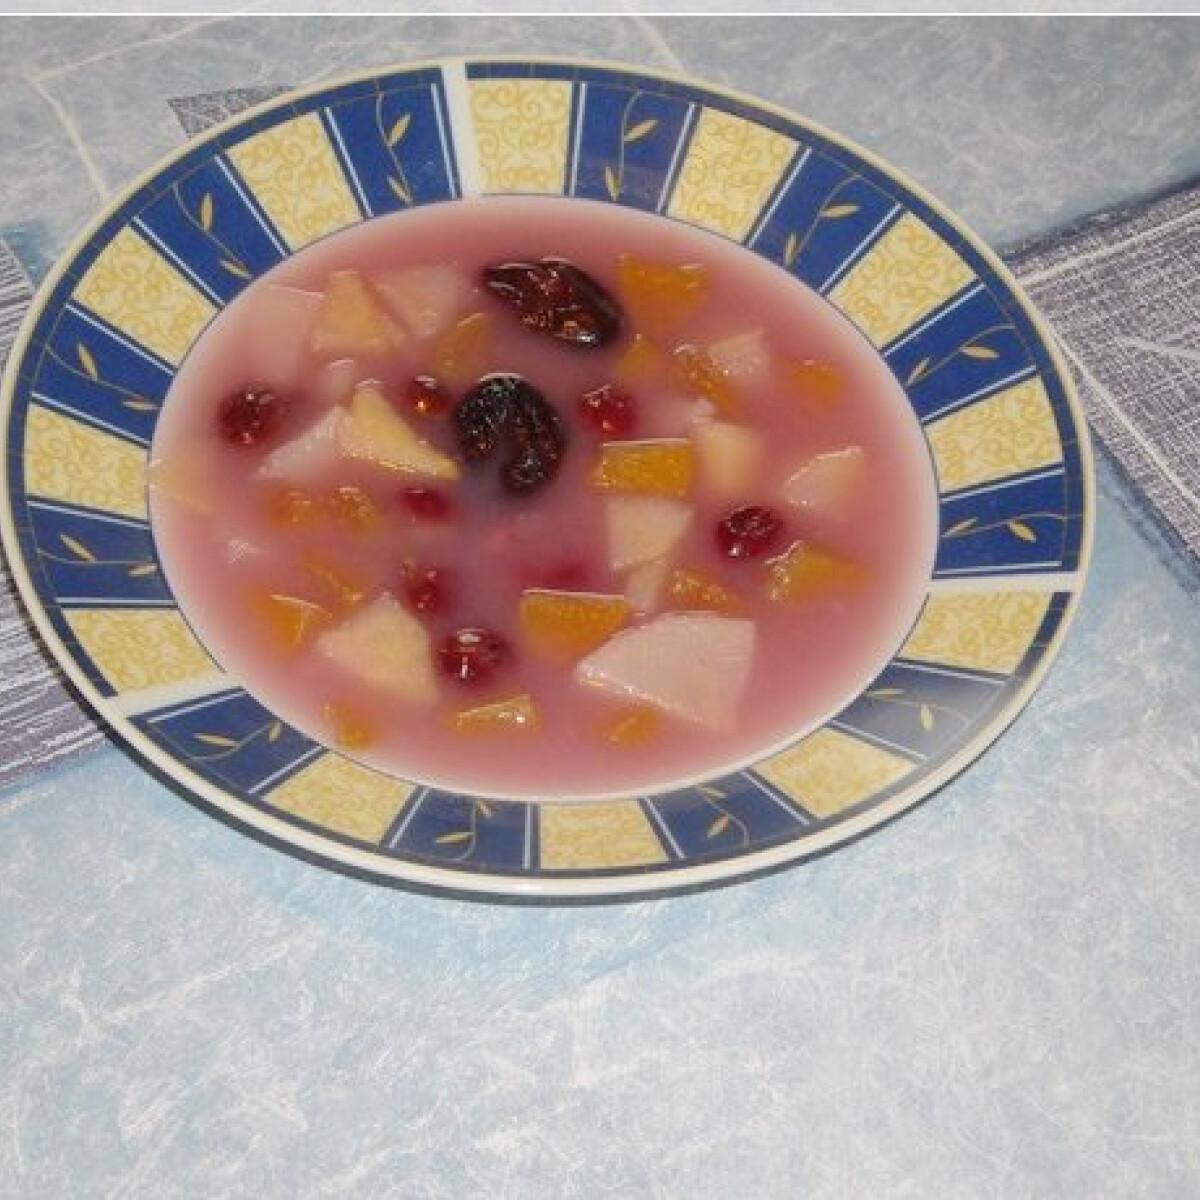 Ezen a képen: Gyümölcsleves Nikóka konyhájából